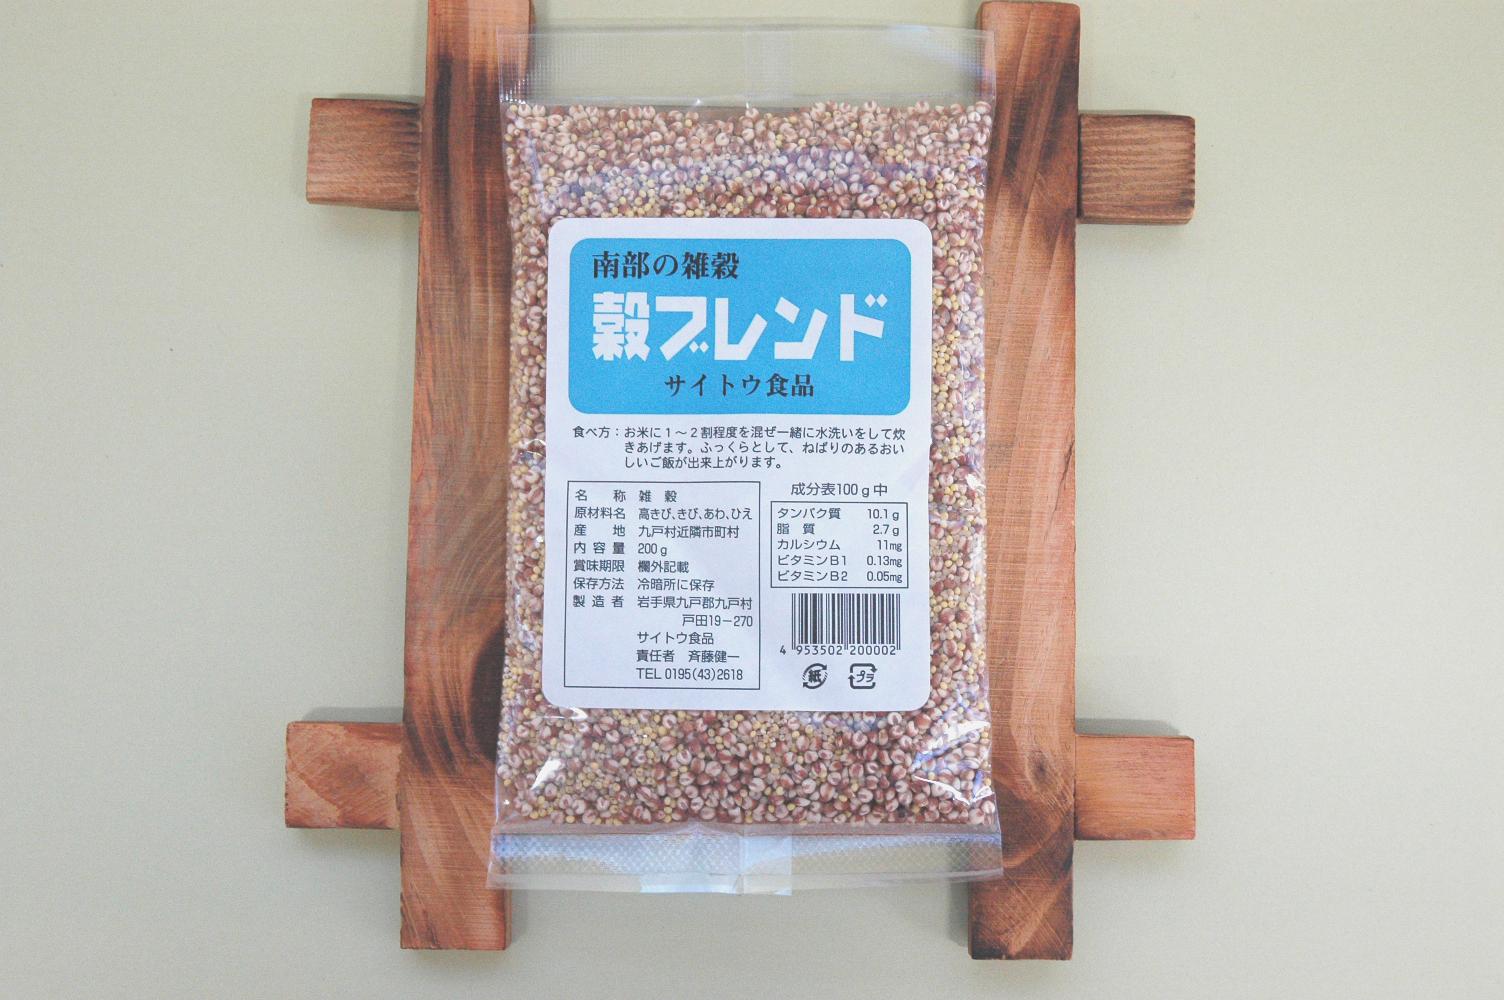 雑穀 アマランサス タカキビ 岩手県北 サイトウ食品